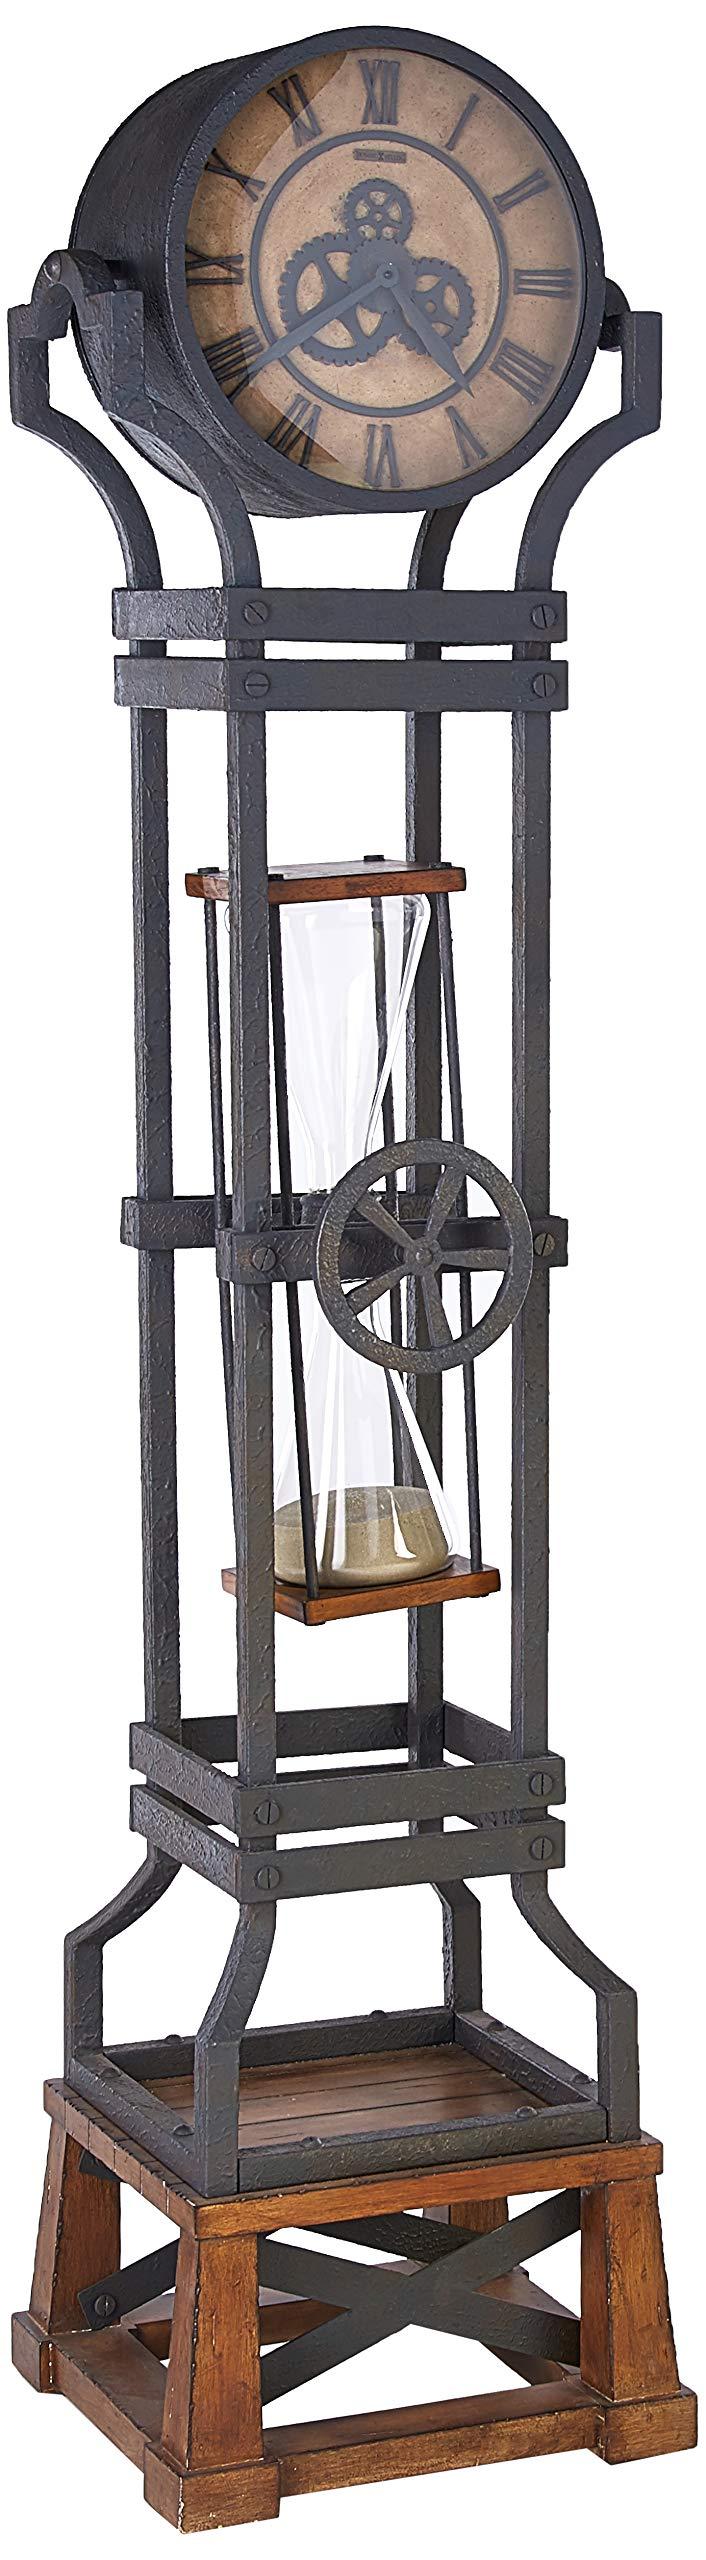 Howard Miller Hour Glass Clock by Howard Miller